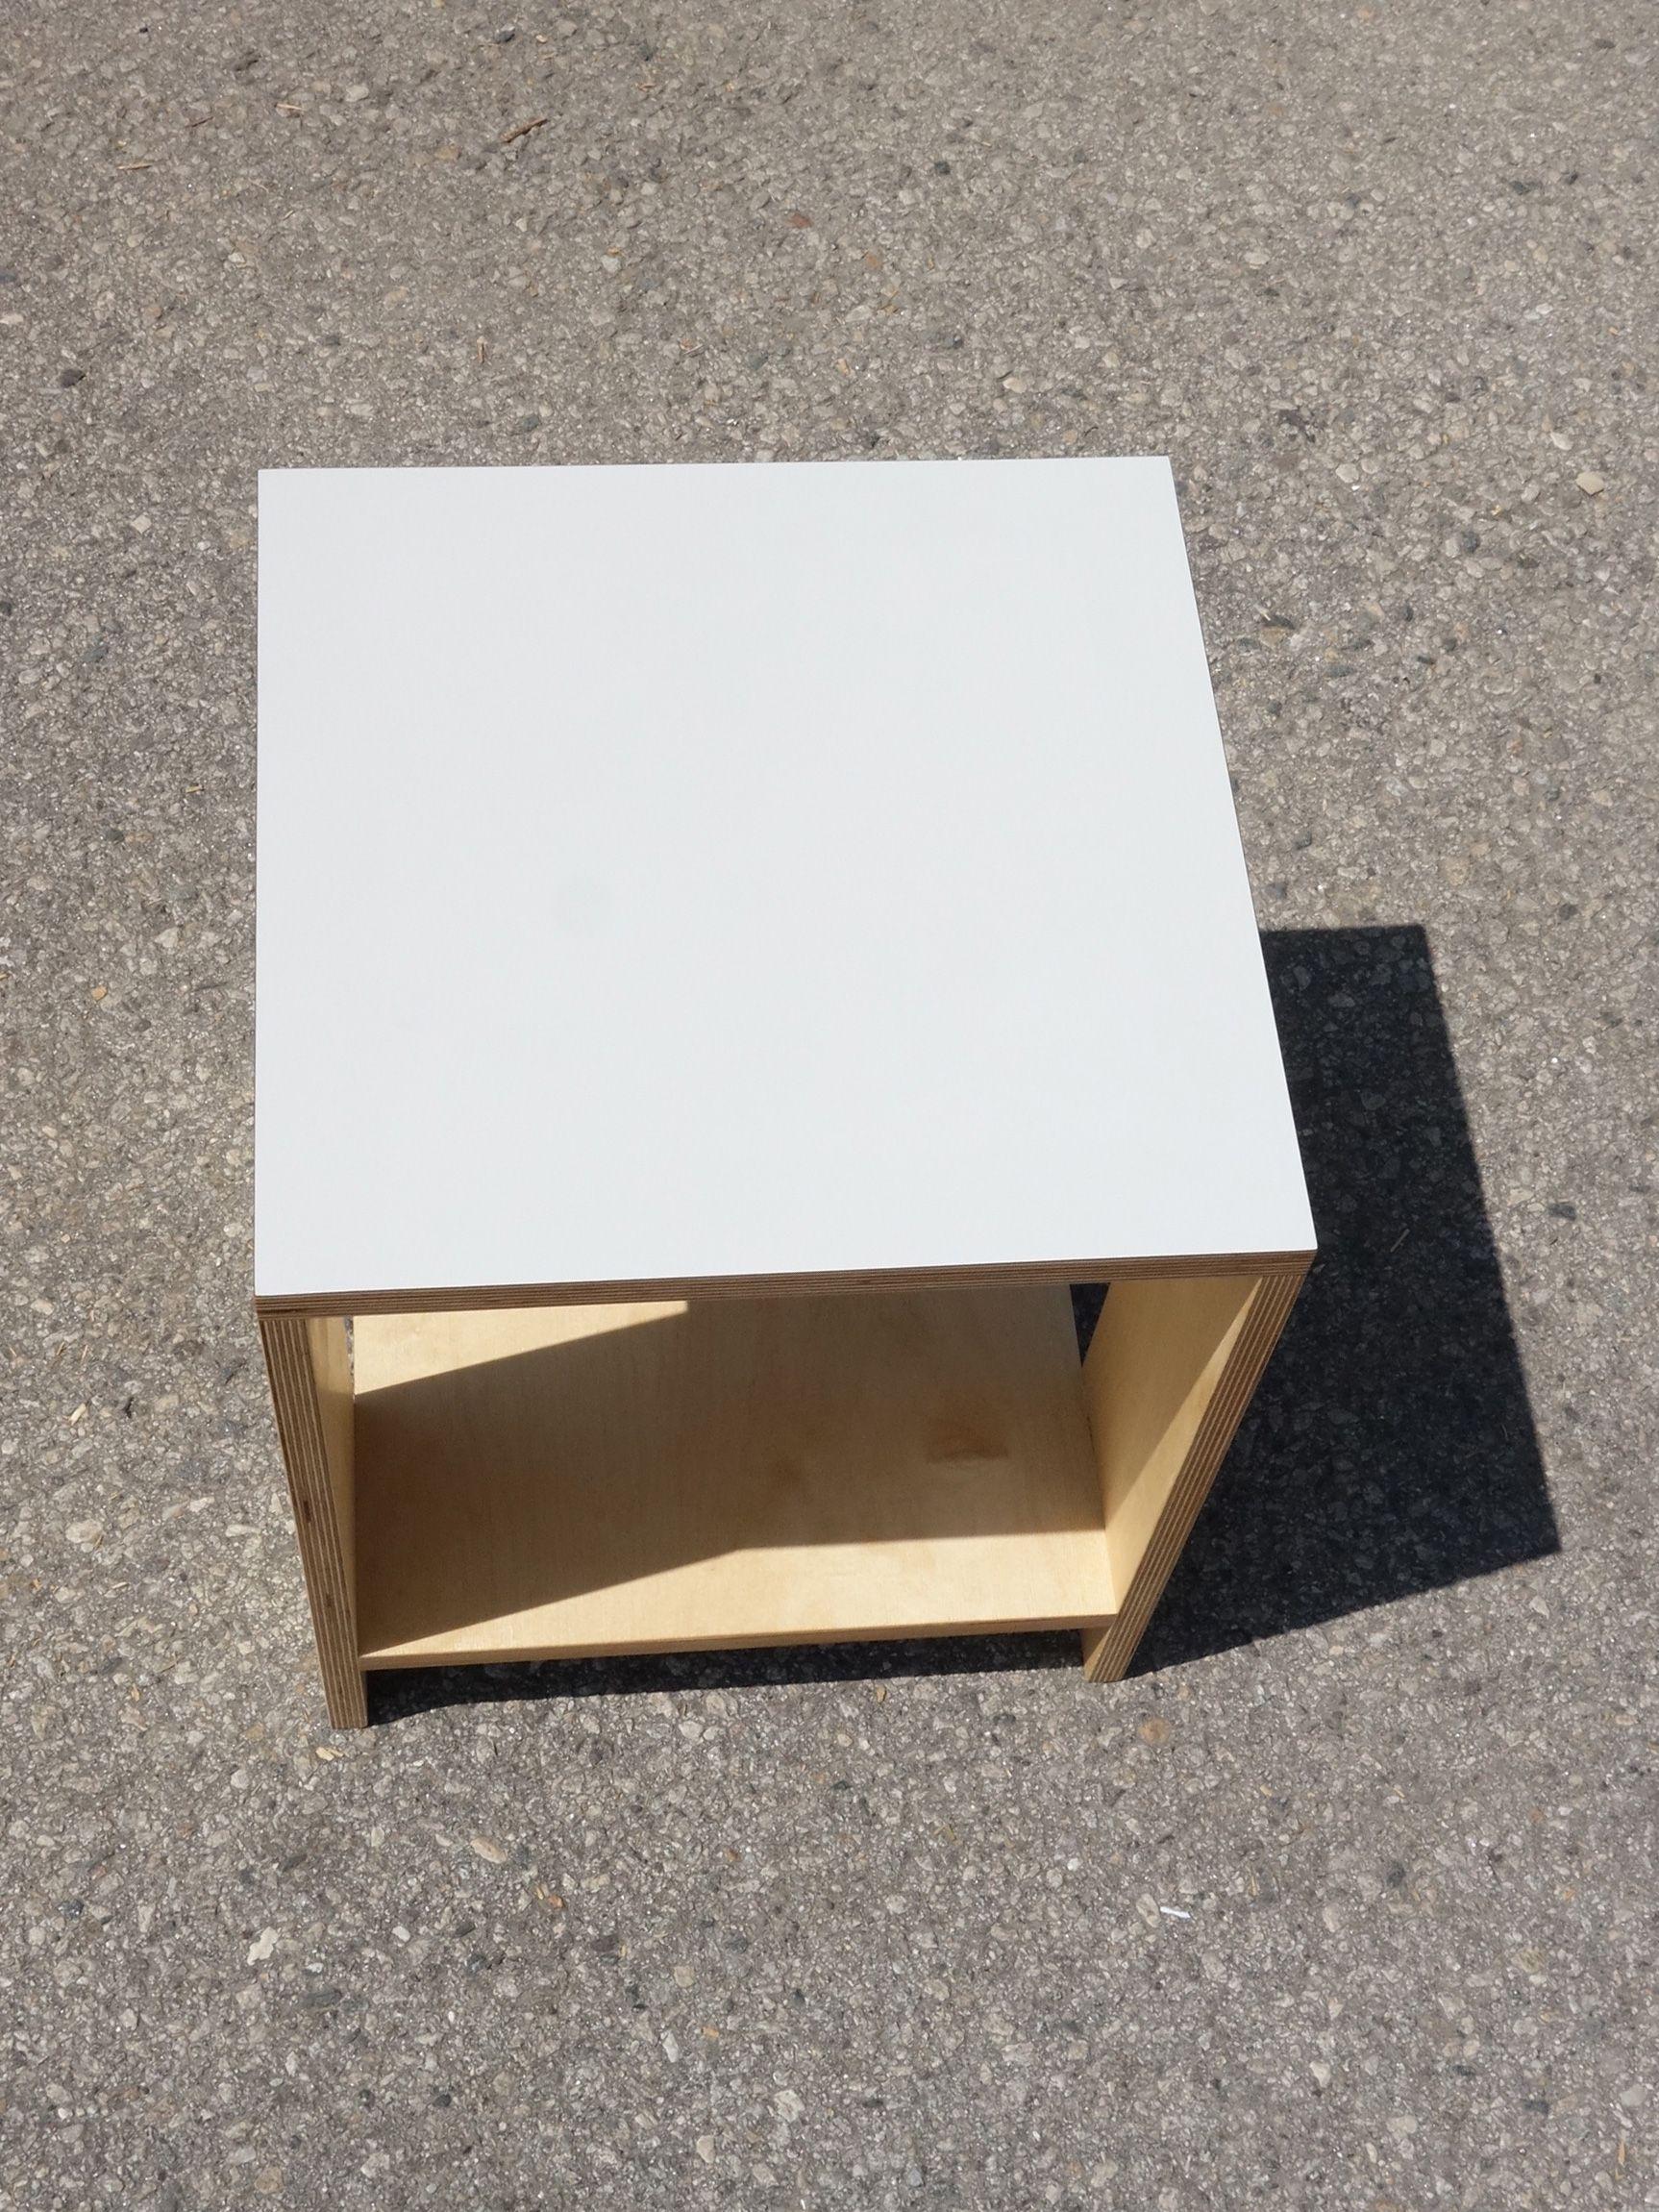 Square Shelf Stool product image 5